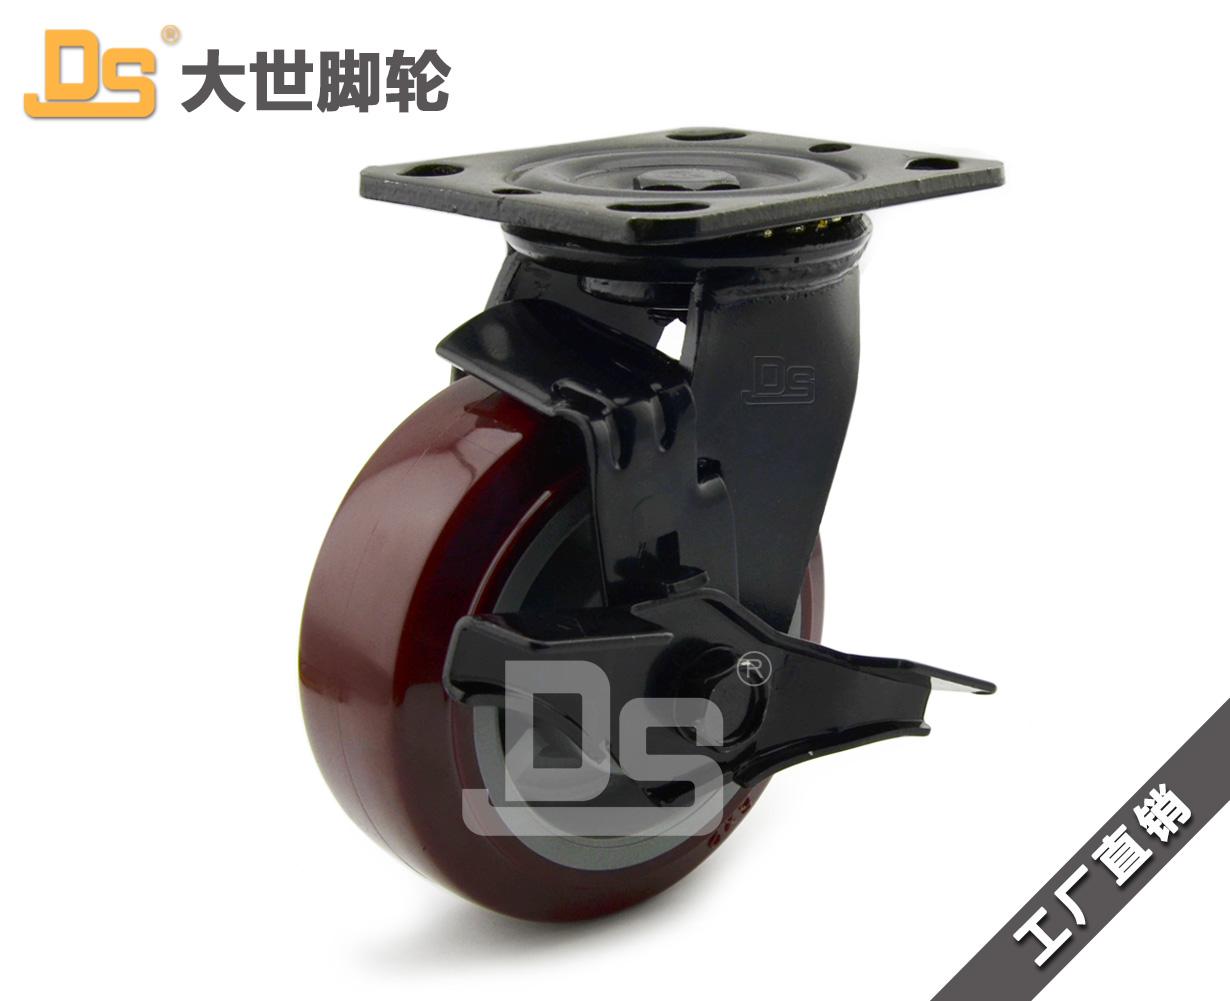 塑料芯聚氨酯脚轮-塑料芯聚氨酯脚轮厂家-塑料芯聚氨酯脚轮电话